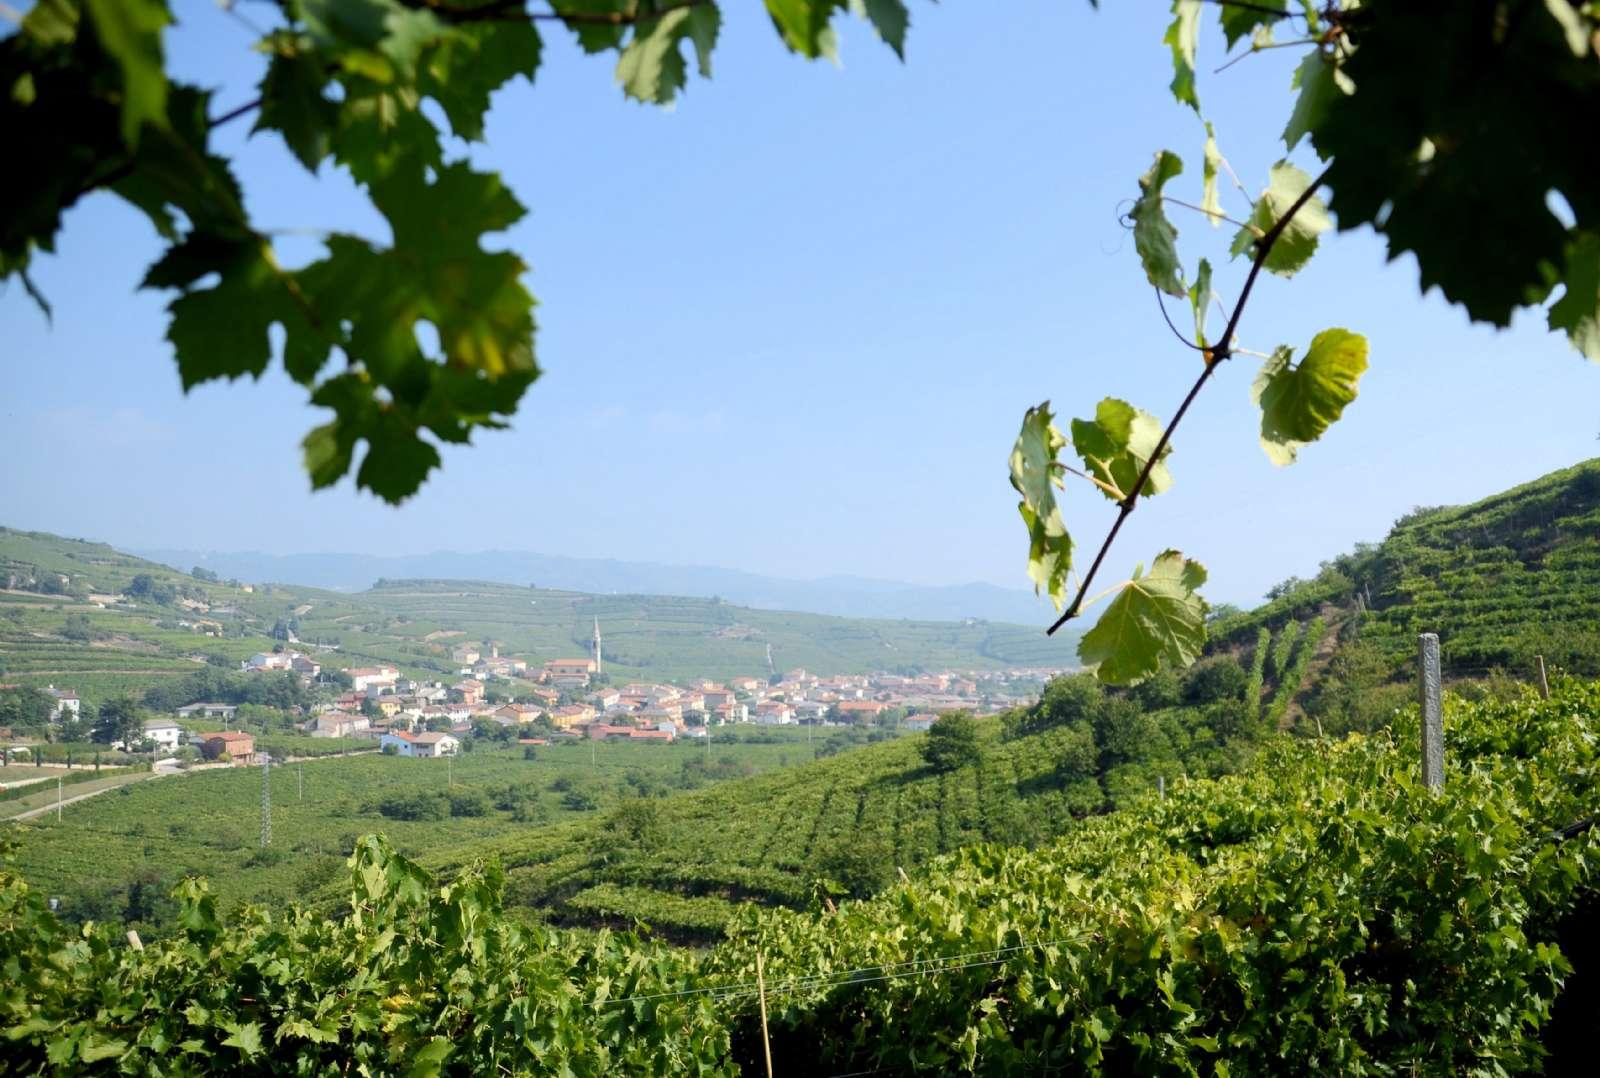 Fin vekselvirkning mellem vinmarker og landsbyer